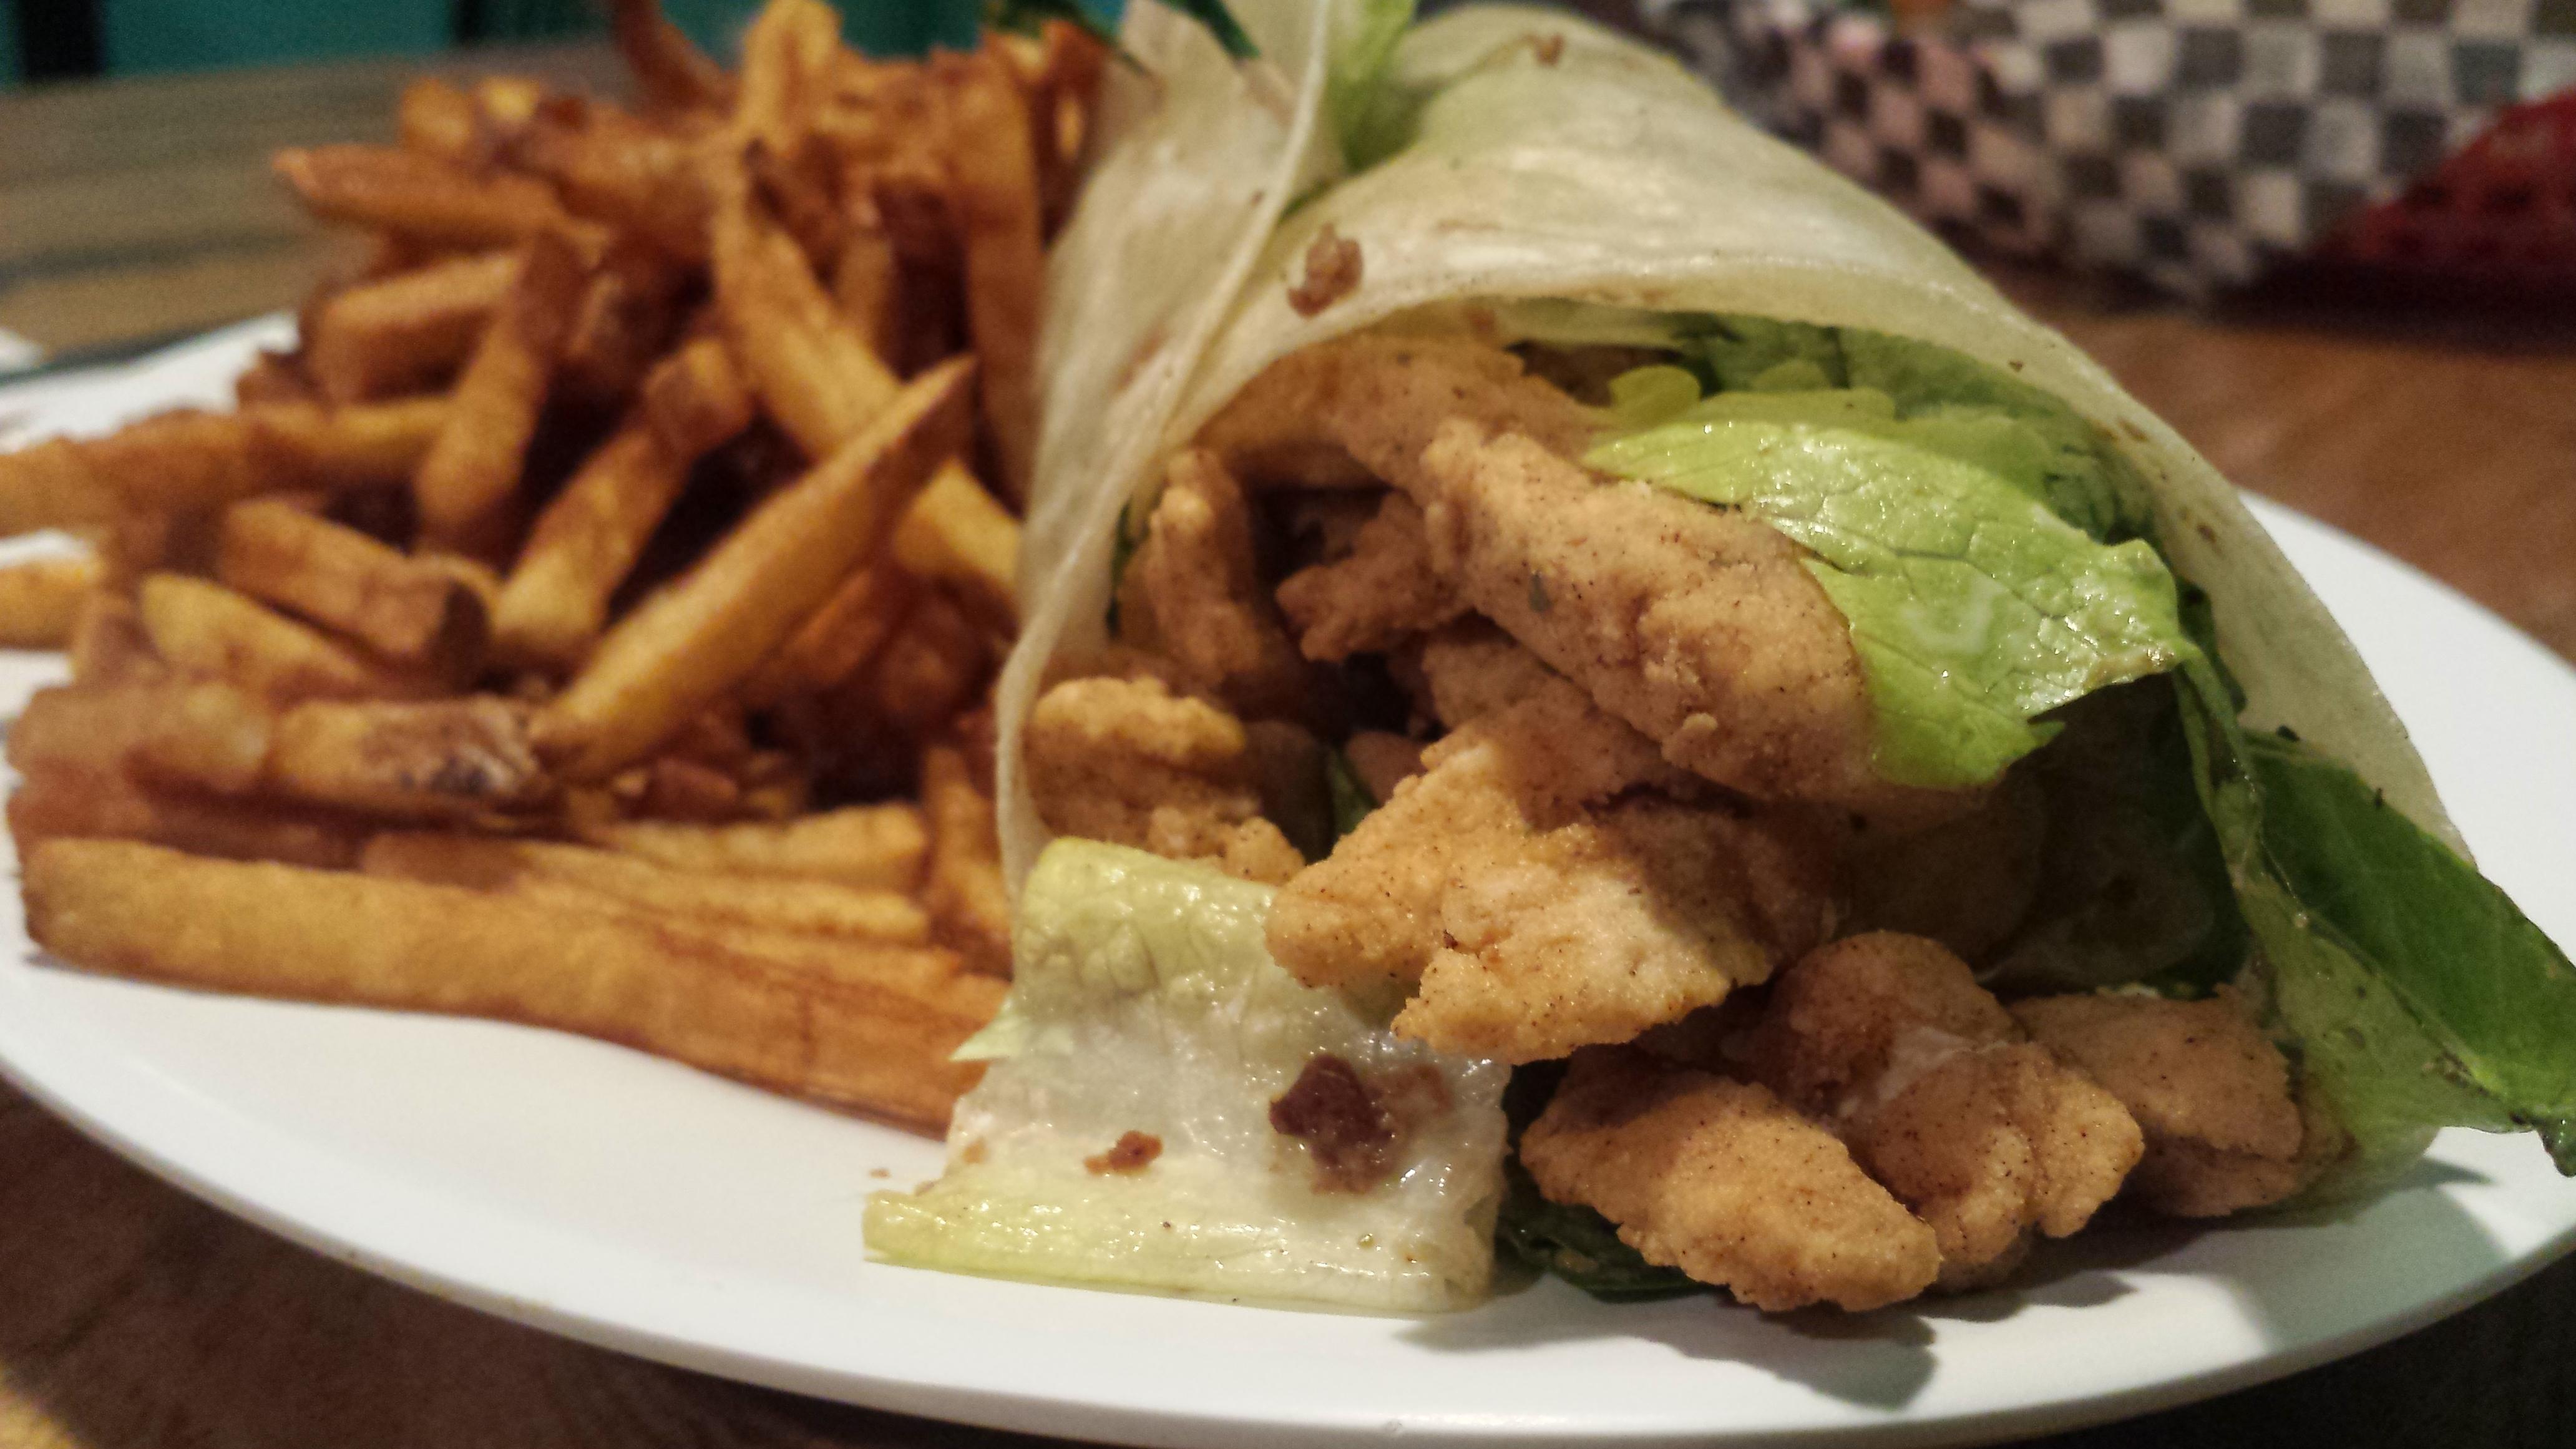 AterImber - The Veg Life - Hogtown Vegan - Unchick'N Ceasar Wrap - Vegan food